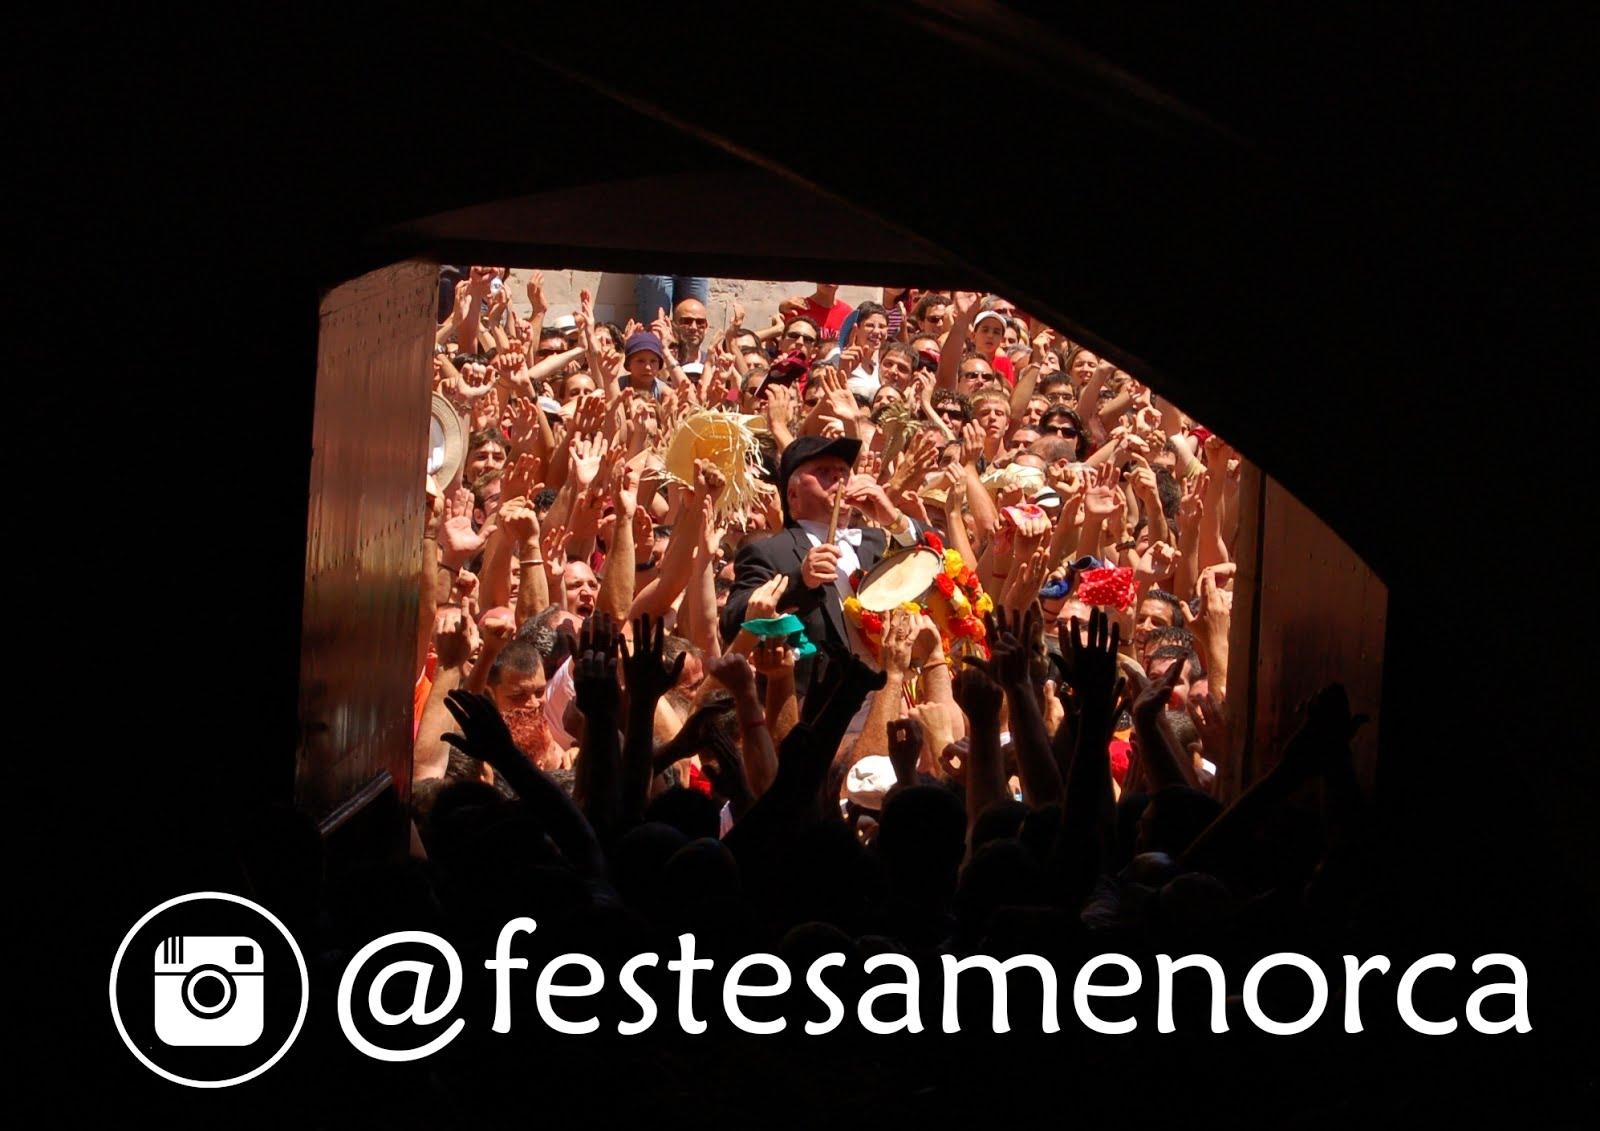 FESTES DE MENORCA - INSTAGRAM